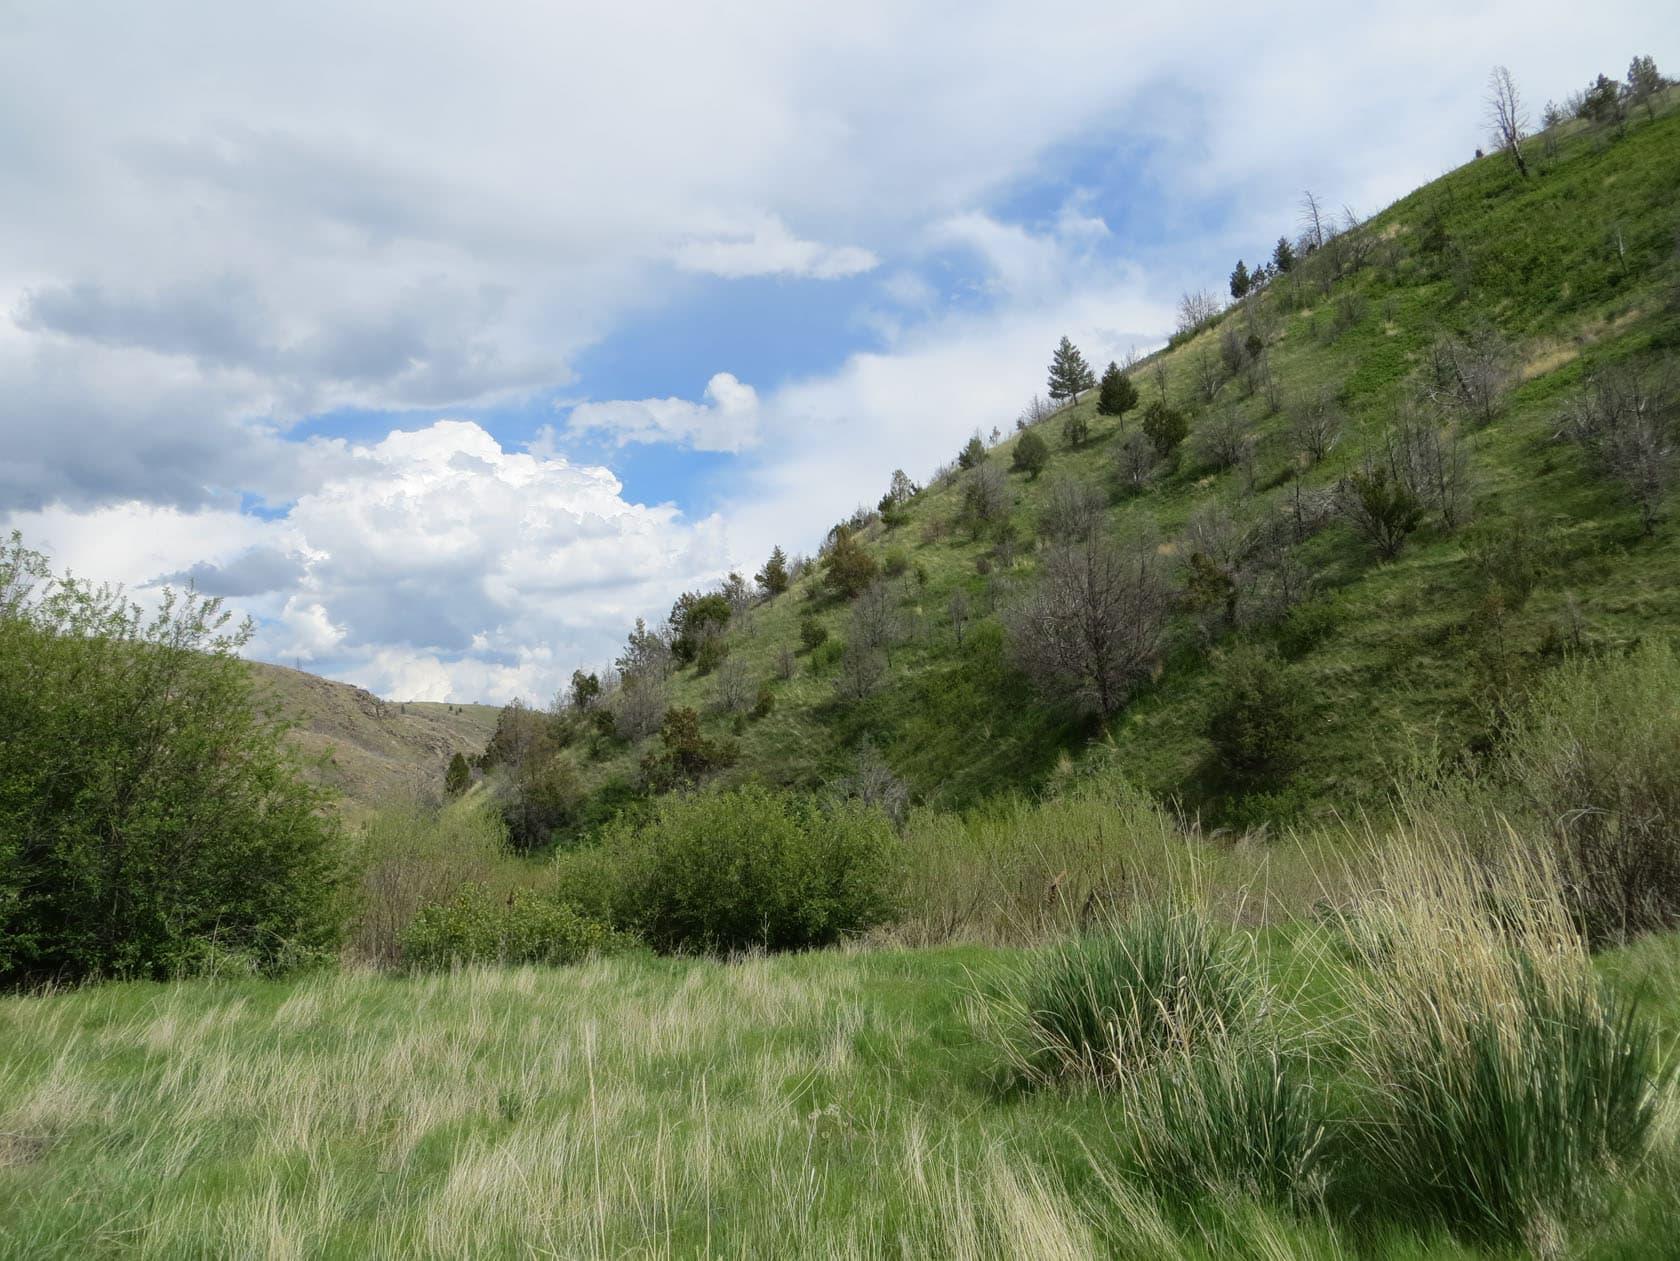 pasture land montana bear trap canyon fishing ranch